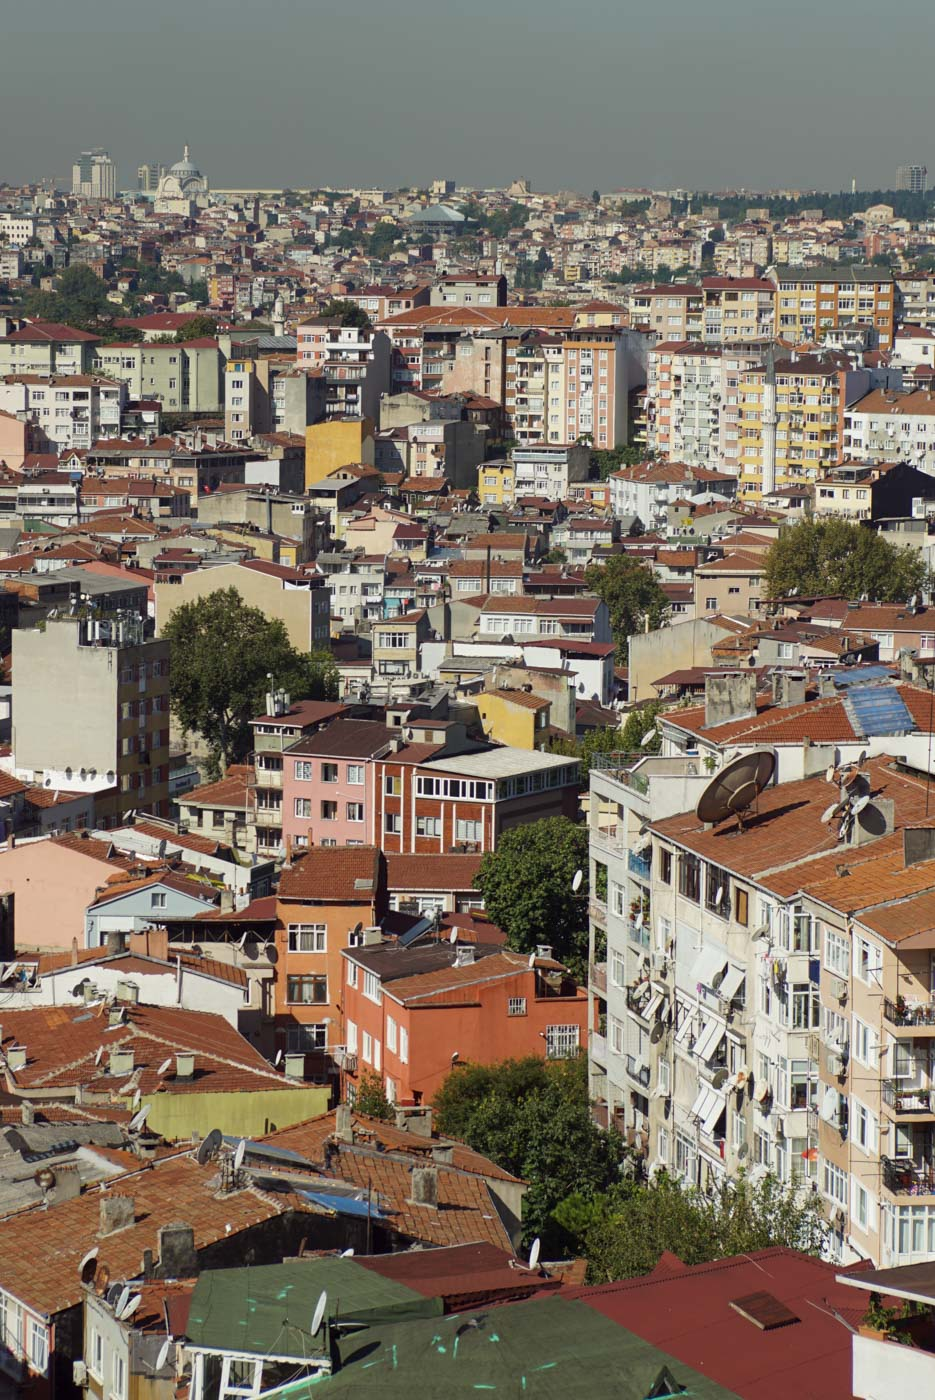 Blick von einer erhöhten Position auf die Stadt Istanbul. Zu sehen sind zahlreiche Wohnhäuser wie sie verwinkelt ineinandergeschlungen um jeden Quadratmeter Platz kämpfen.